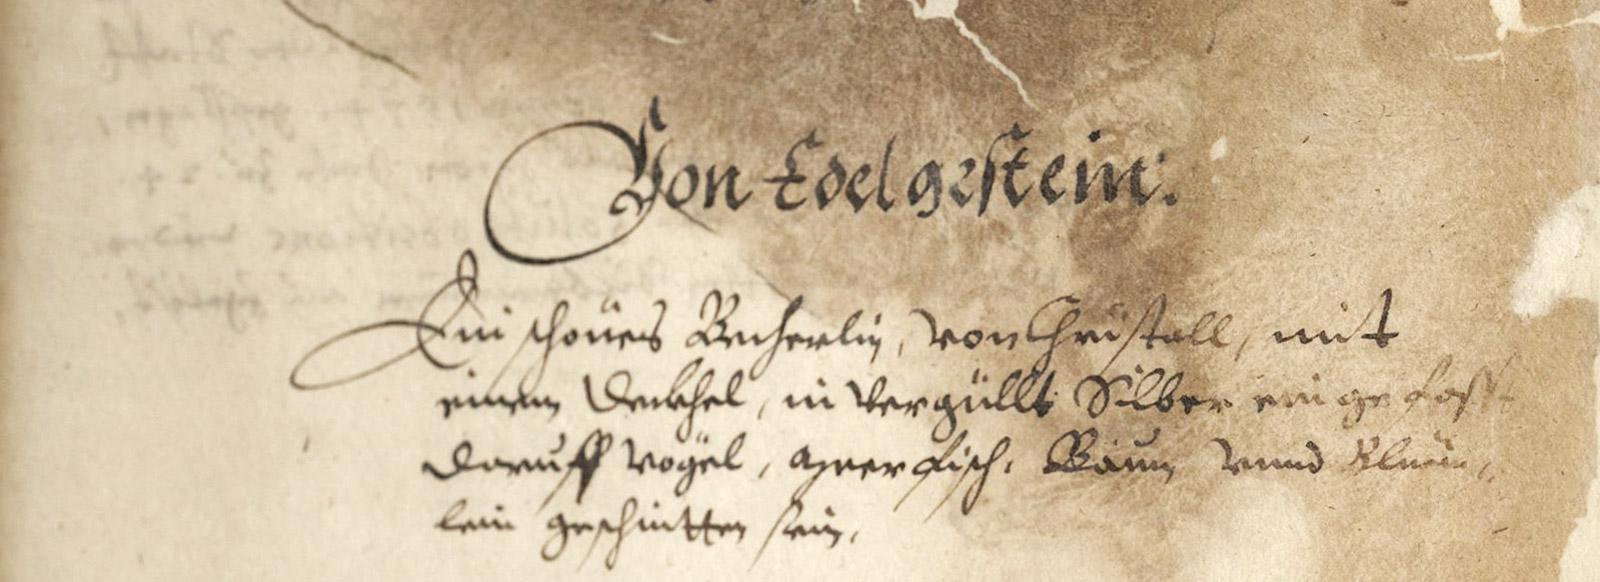 Inventar der Sammlung Guth von Sulz, 1624 (Hauptstaatsarchiv Stuttgart, Signatur A 20 a Bü 4, fol. 10v)